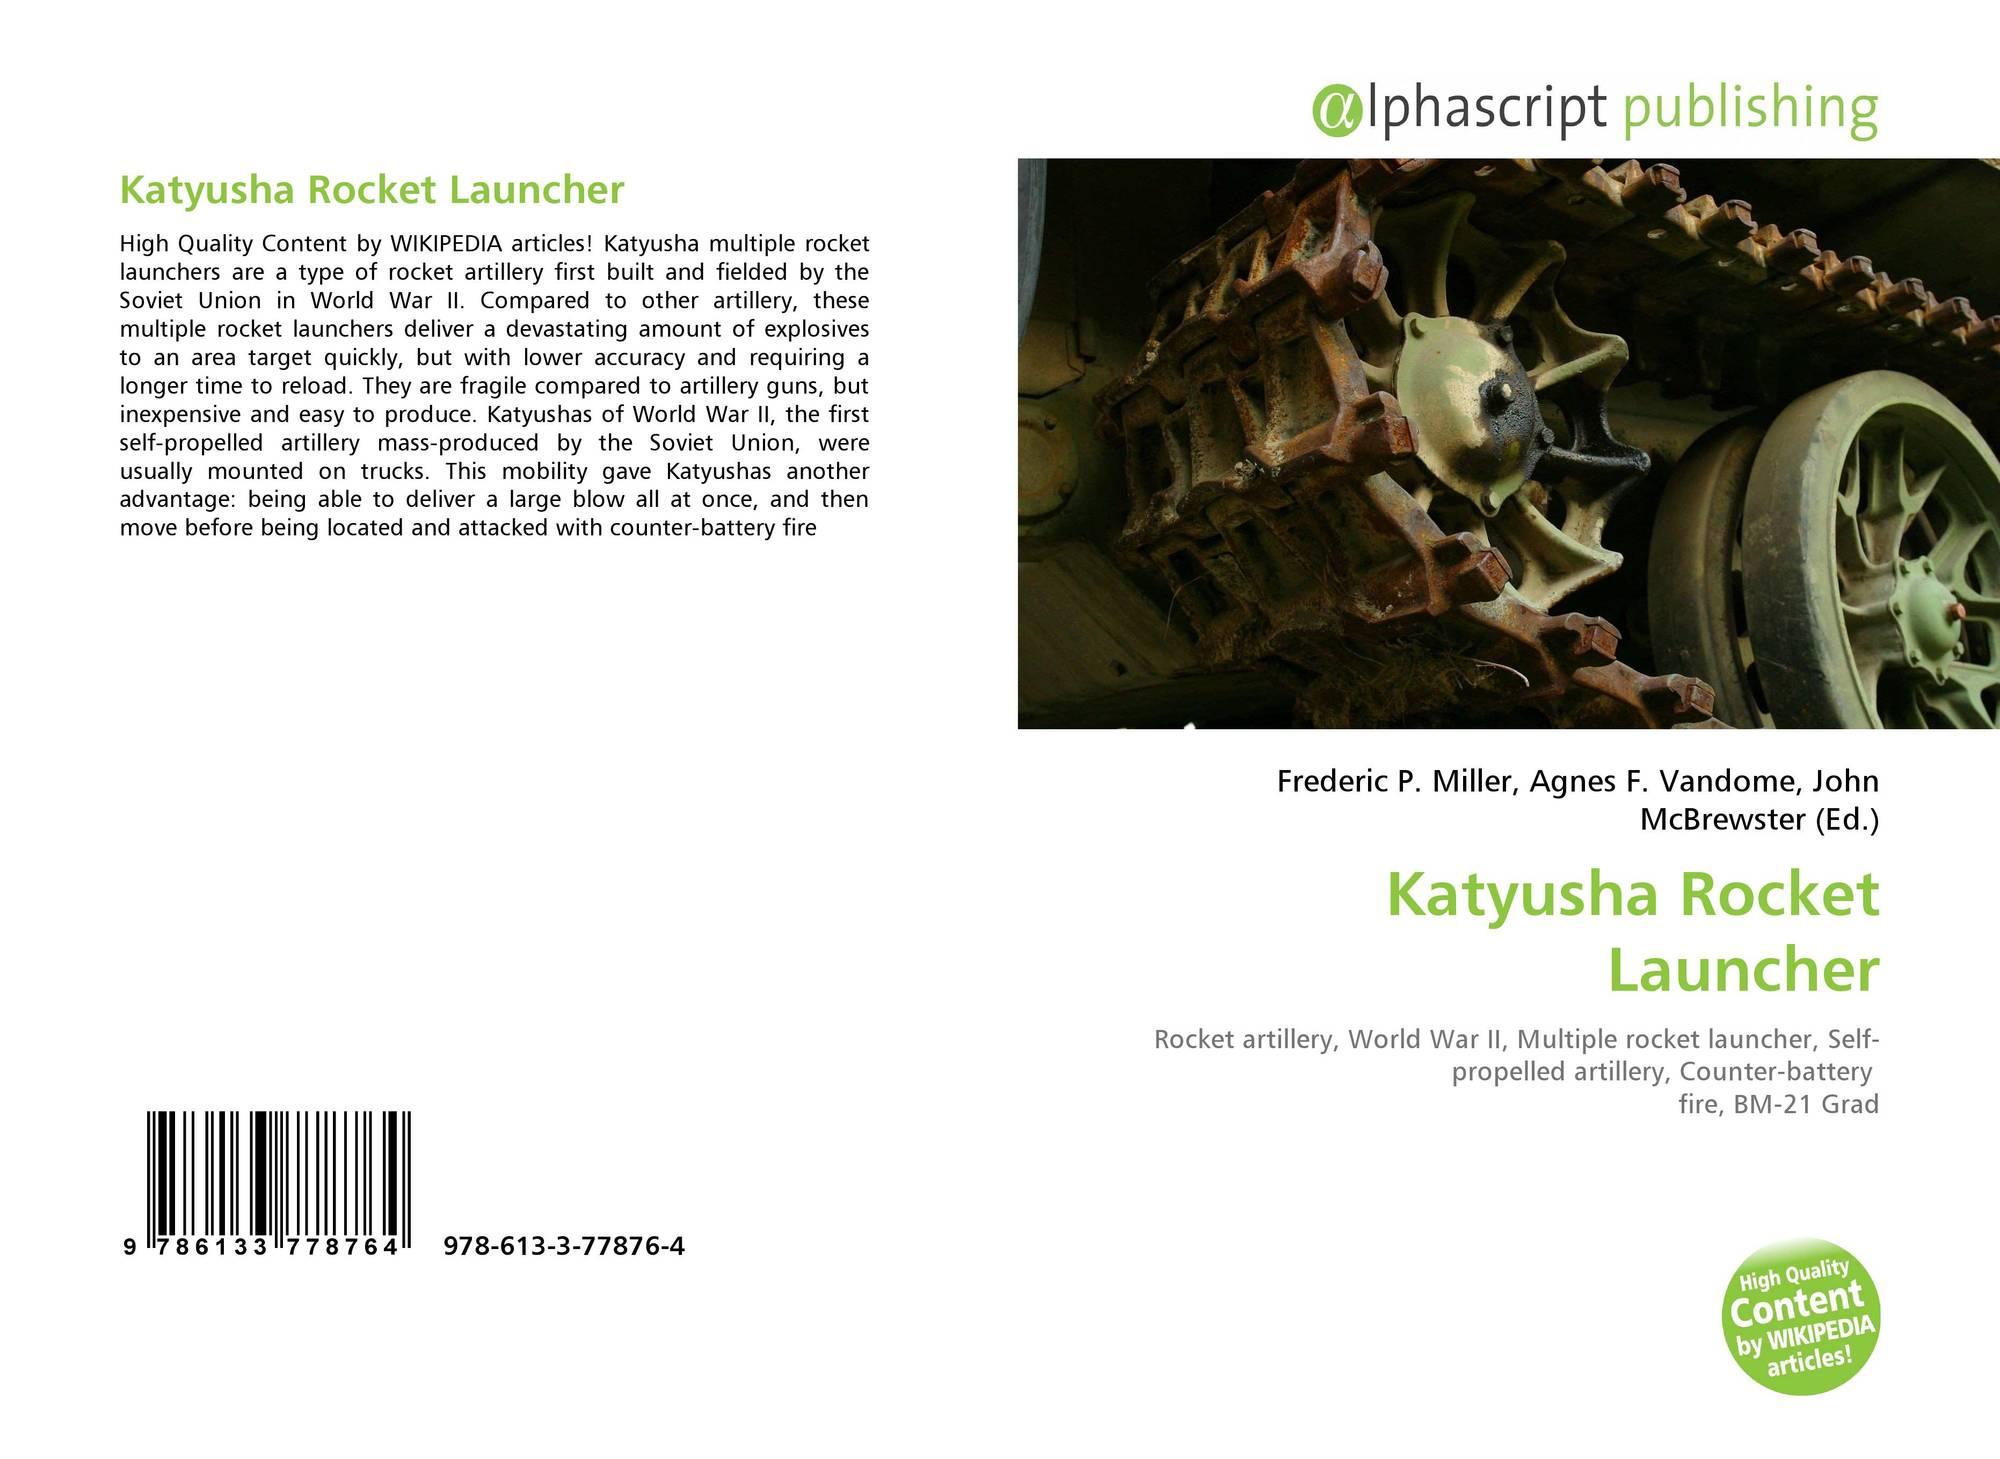 Katyusha Rocket Launcher, 978-613-3-77876-4, 6133778768